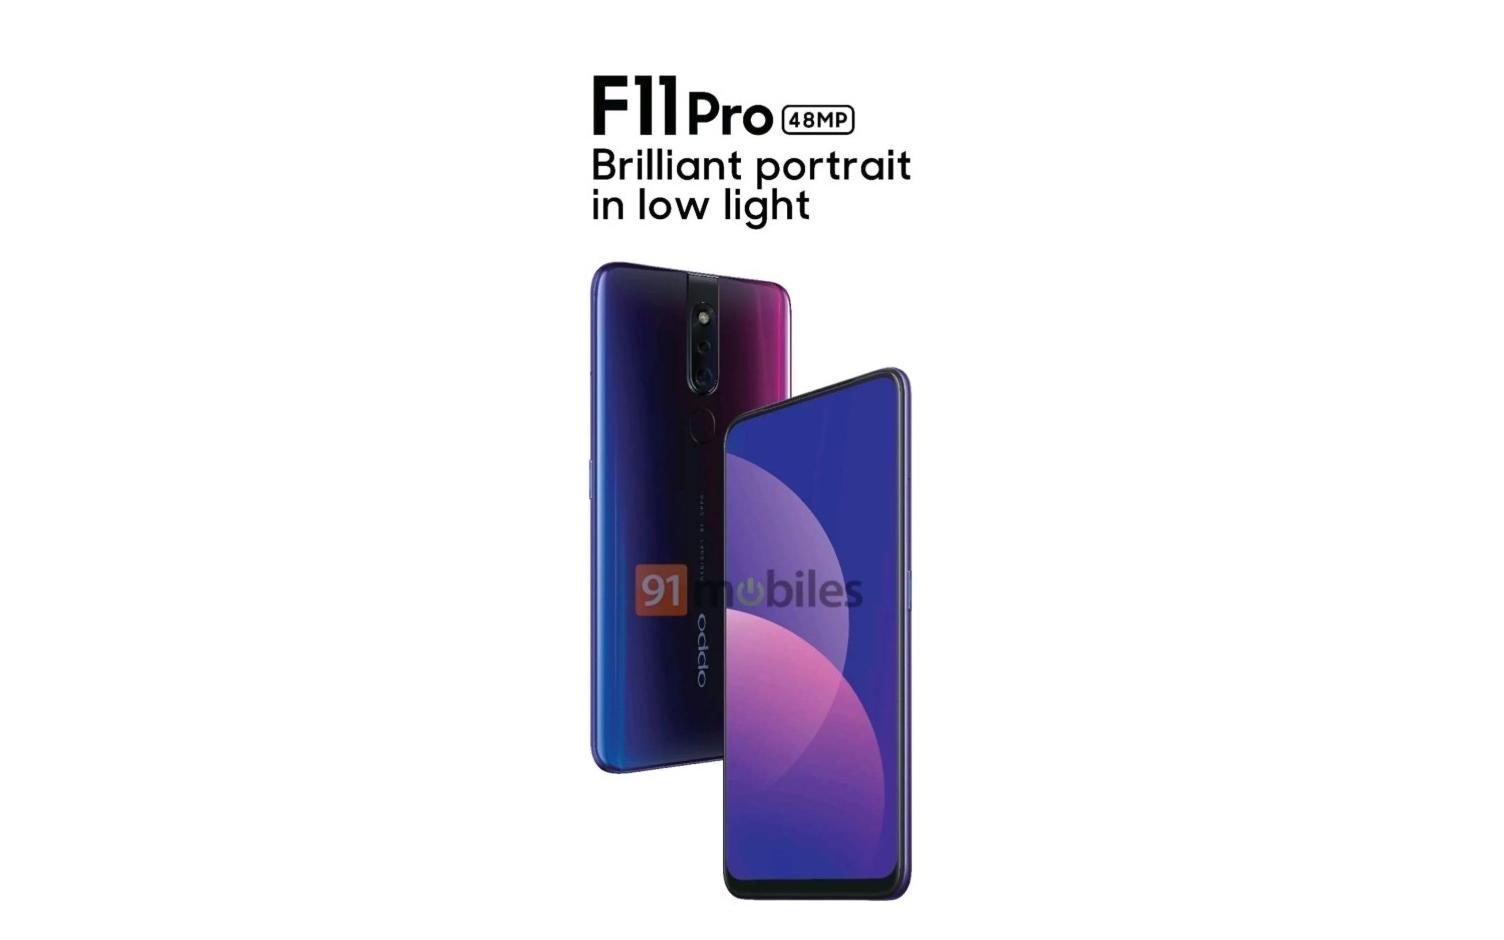 إعلانات ترويجية جديدة توضح مواصفات هاتف Oppo F11 Pro